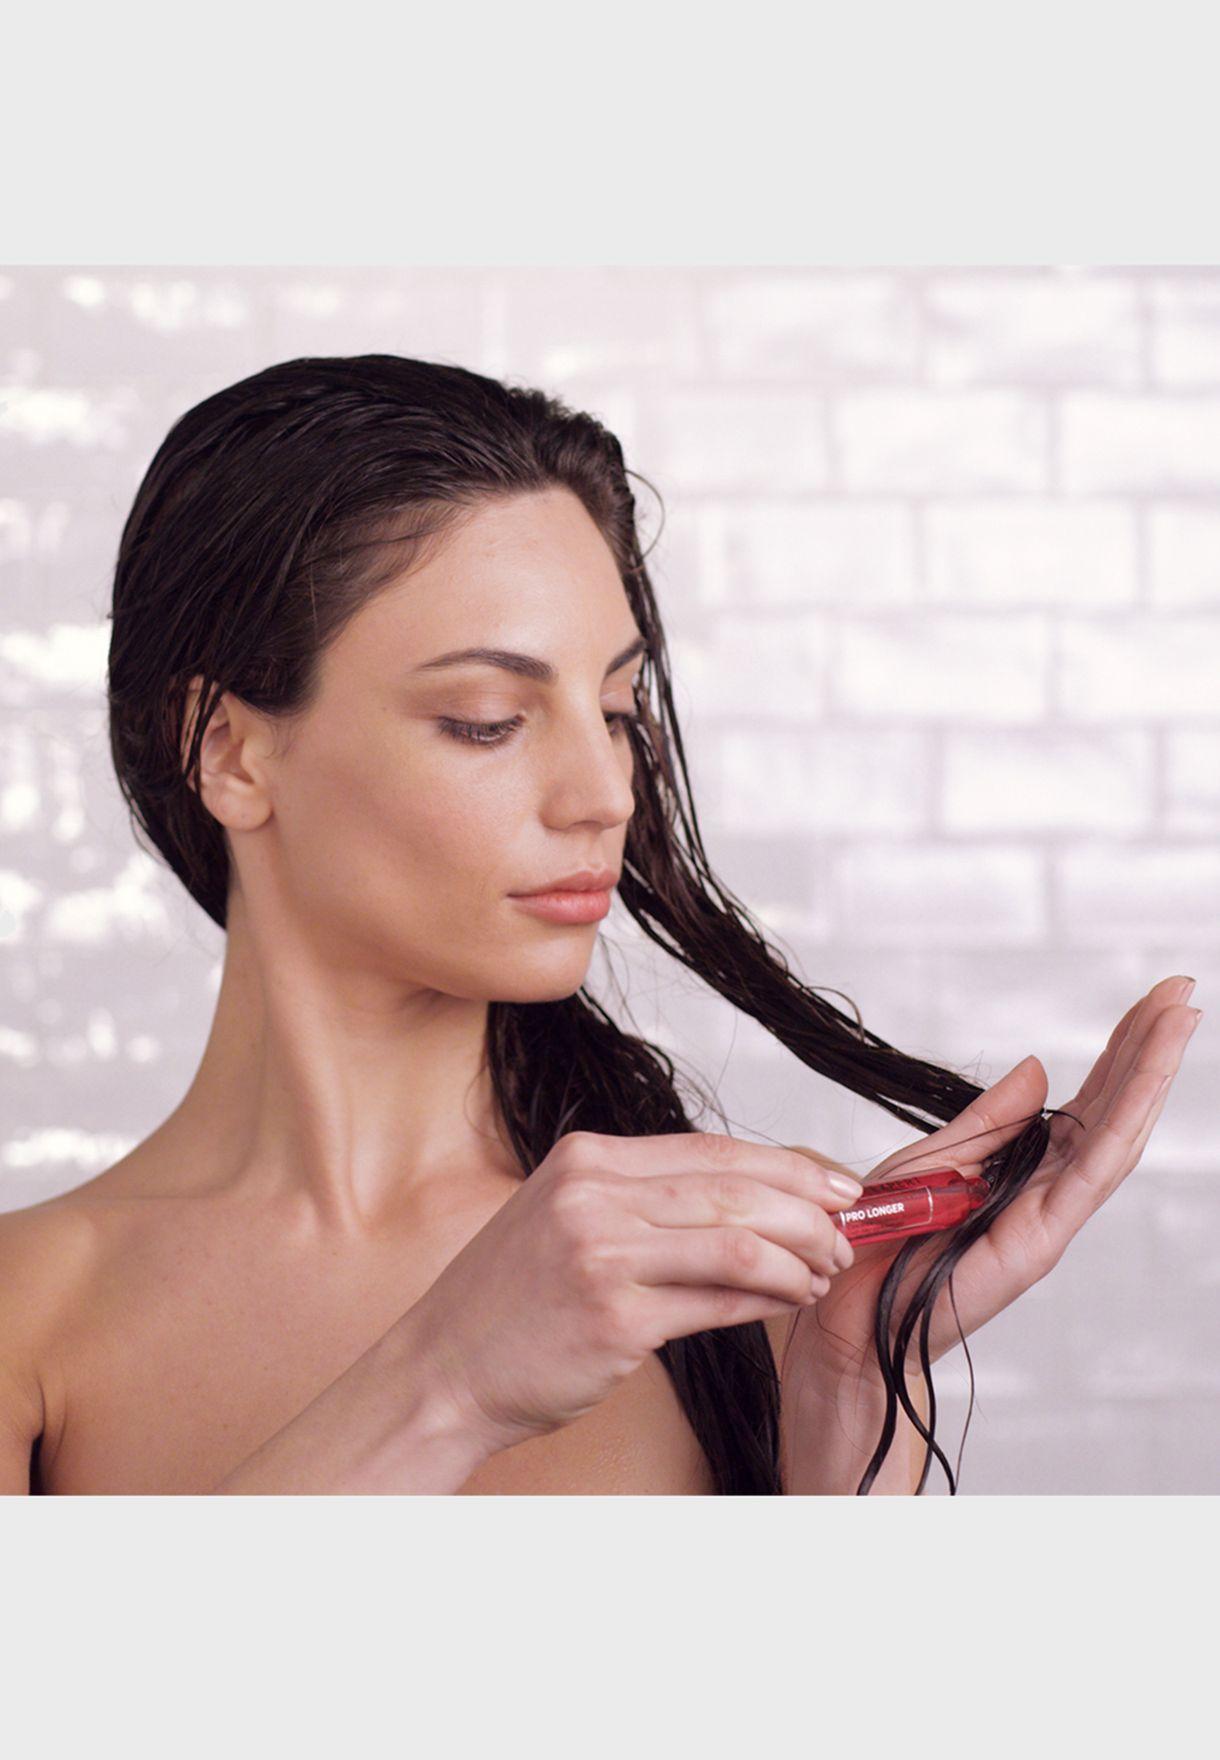 مركز برولنجر فيلر الشعر لشعر طويل مثالي 15 مل